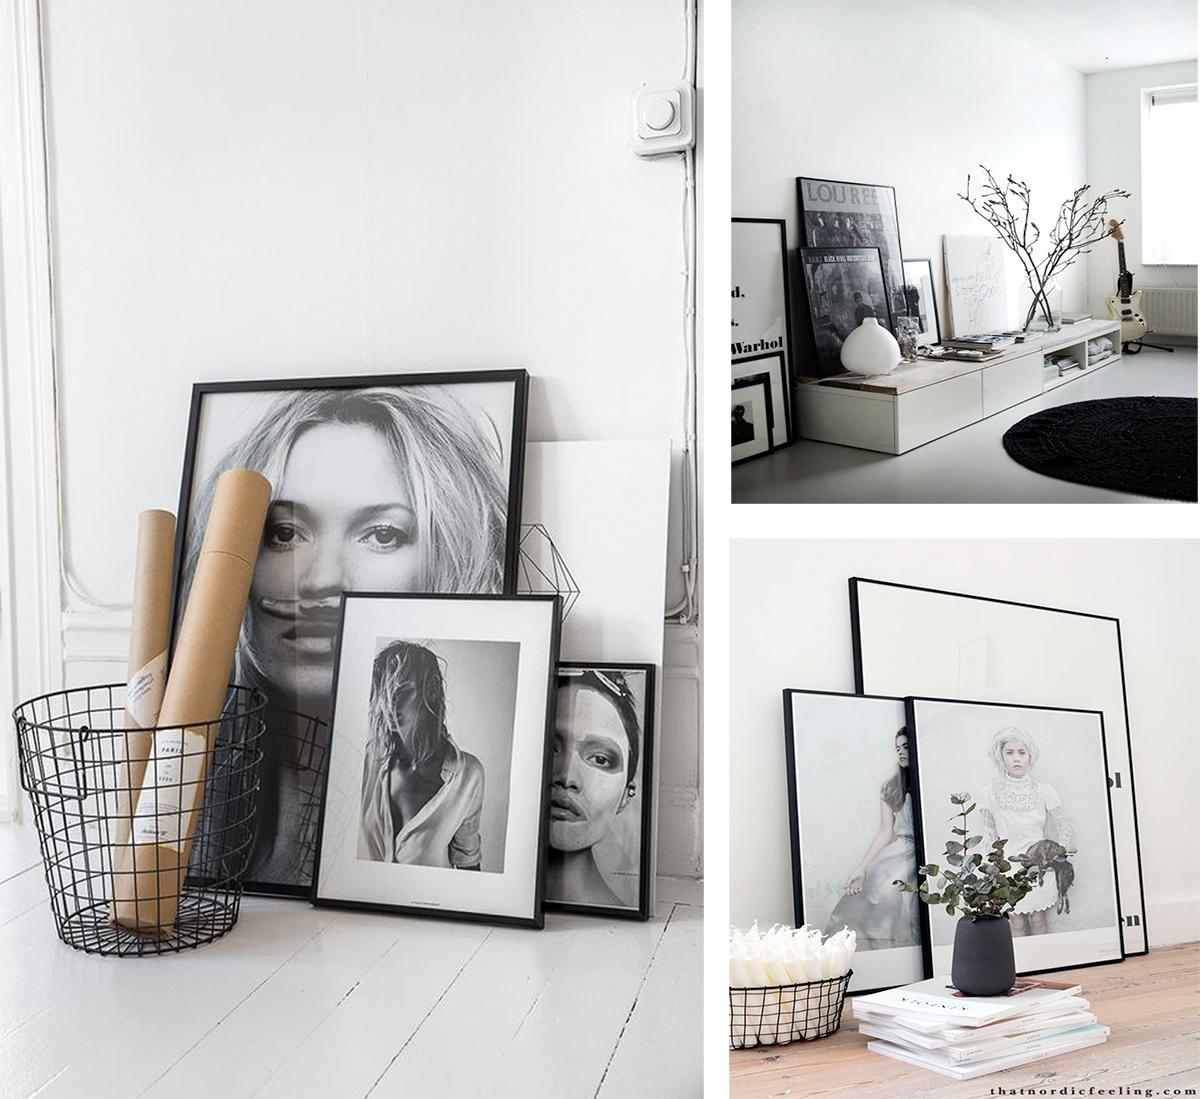 cuadros, nordicos, estilo nordico, frames, fotografías, blanco y negro, escandinavo, decoracion nordica